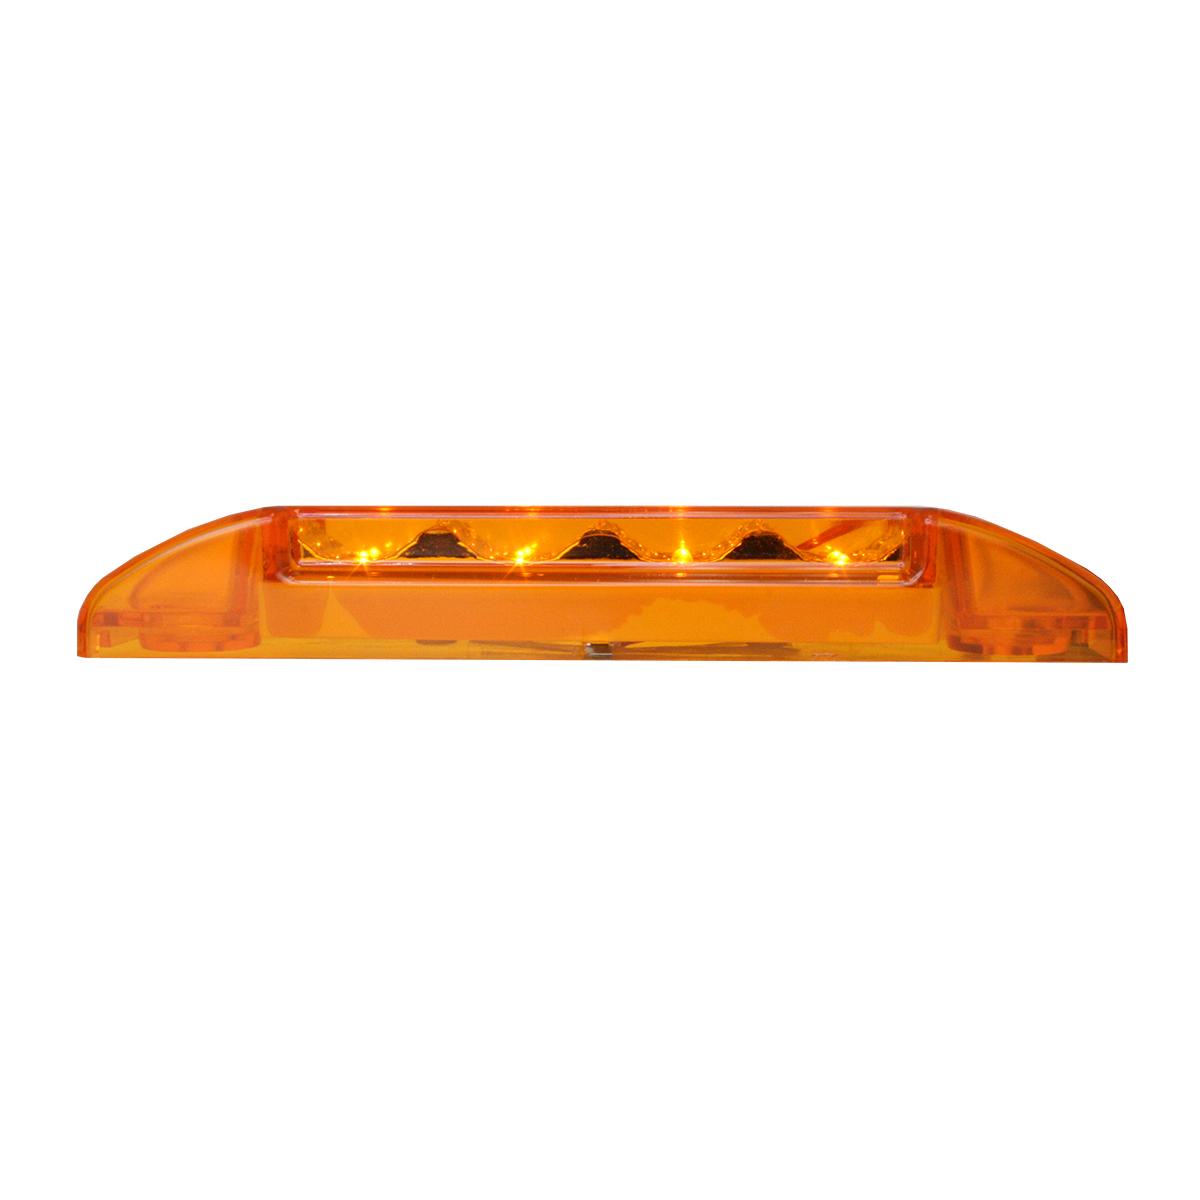 76270 Slim Rectangular Spyder LED Light in Amber/Amber